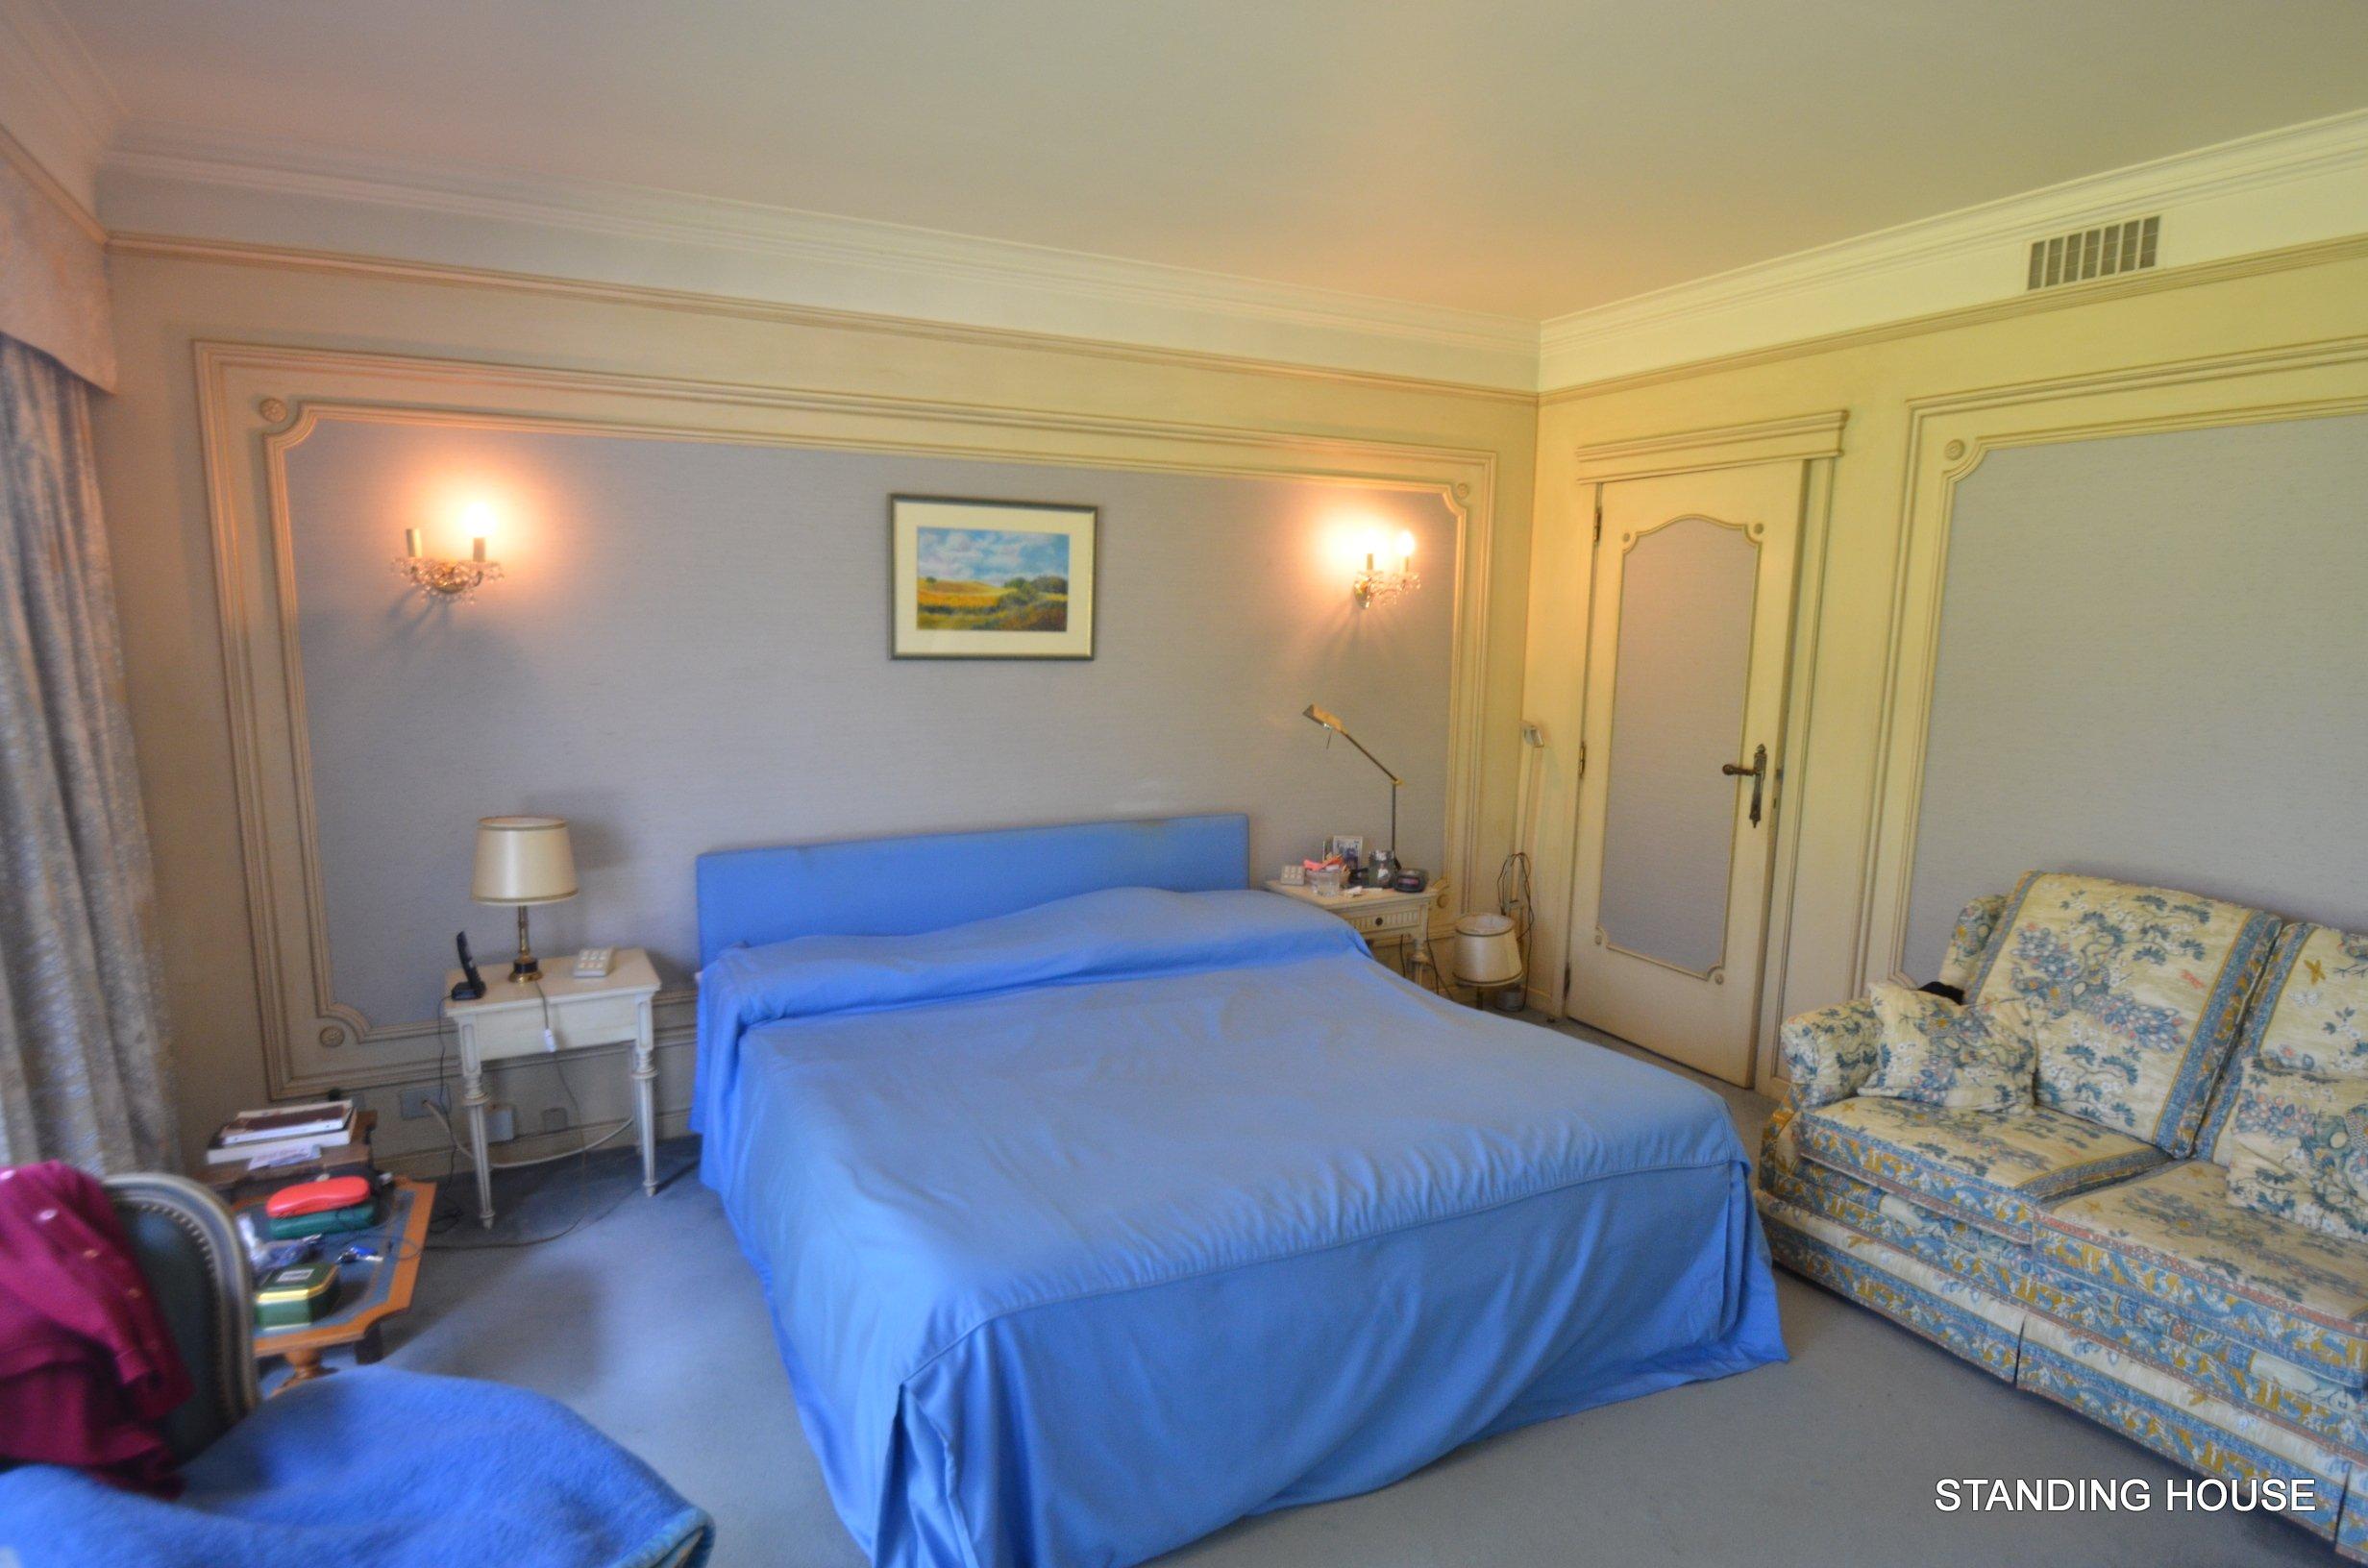 Villa de plain pied 4 chambres standing house for Plain pied 4 chambres